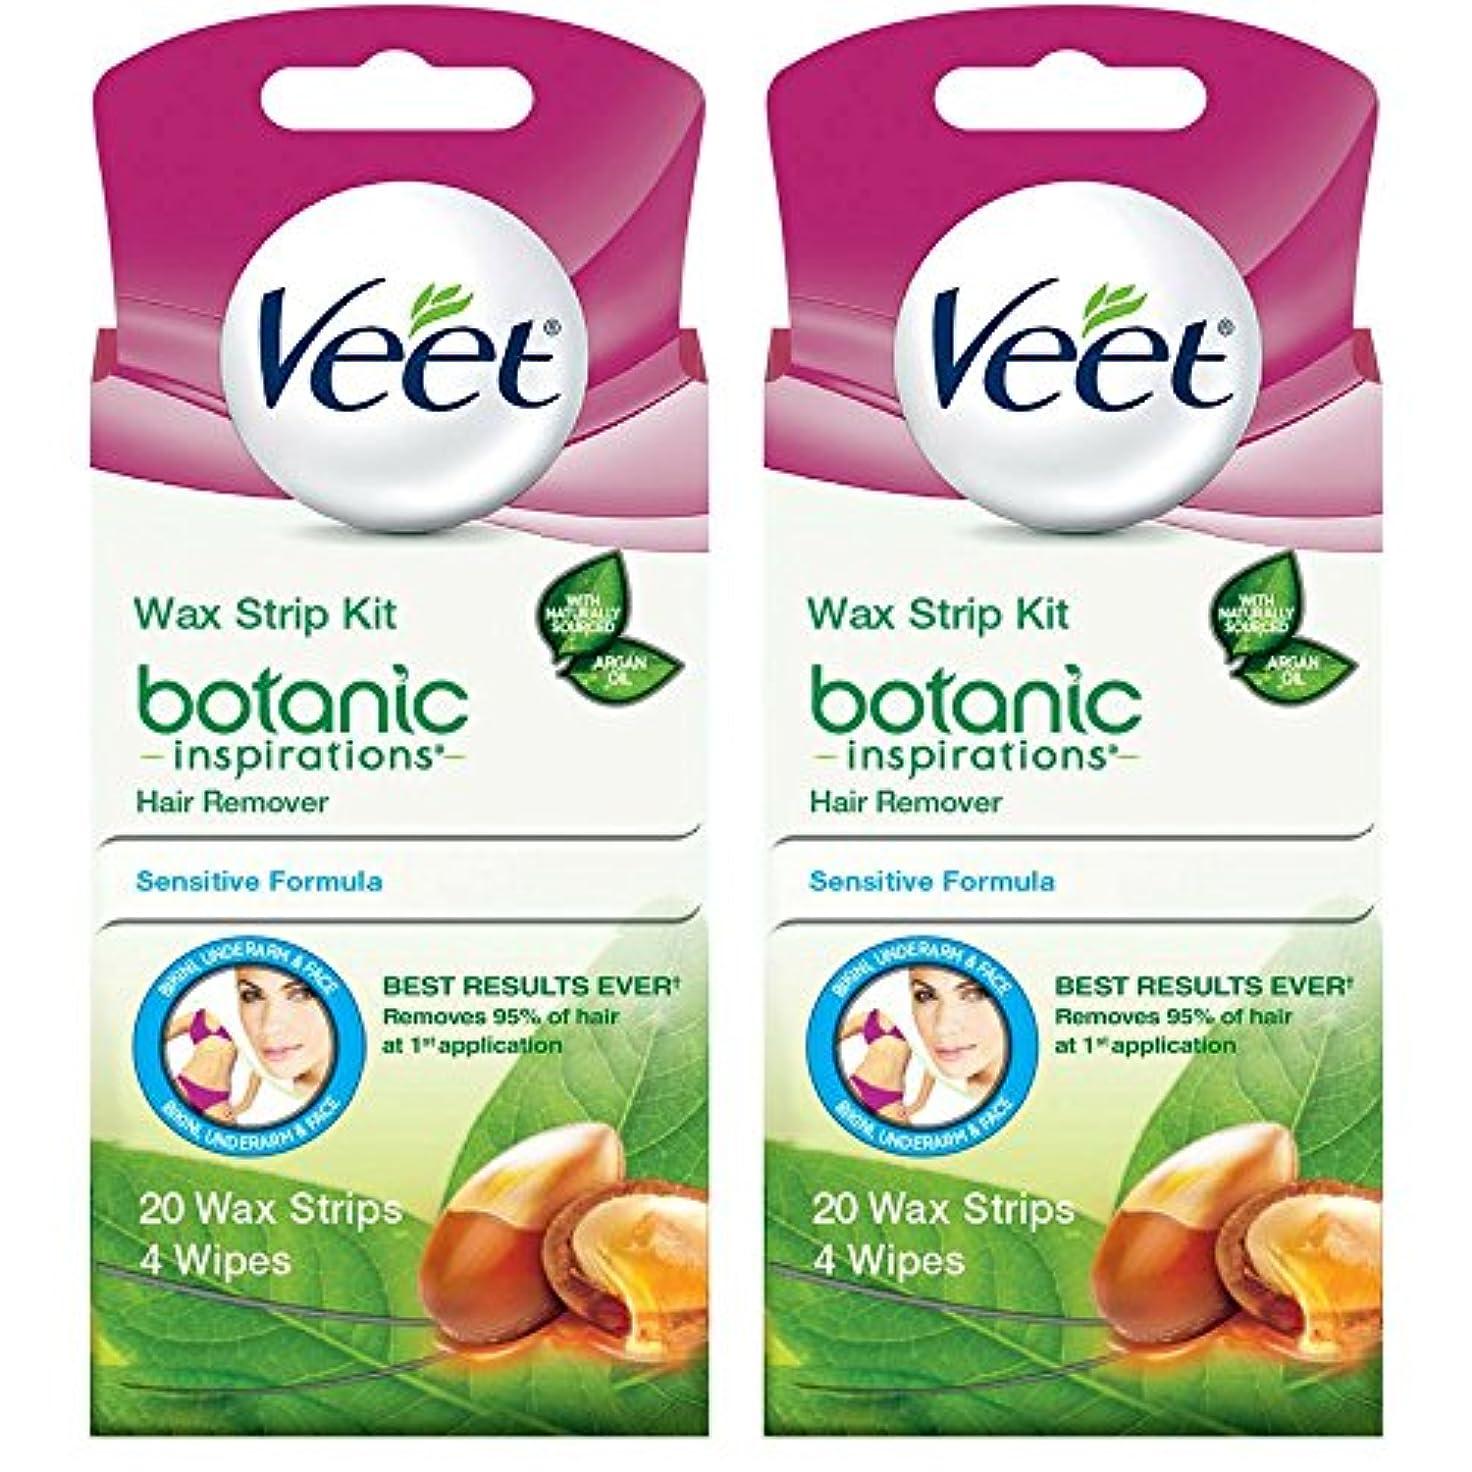 バランスのとれたスカルク貸す海外直送品 2箱 Veet Ready to Use Wax Strips Hair Remover for Body, & Face - 20 回分